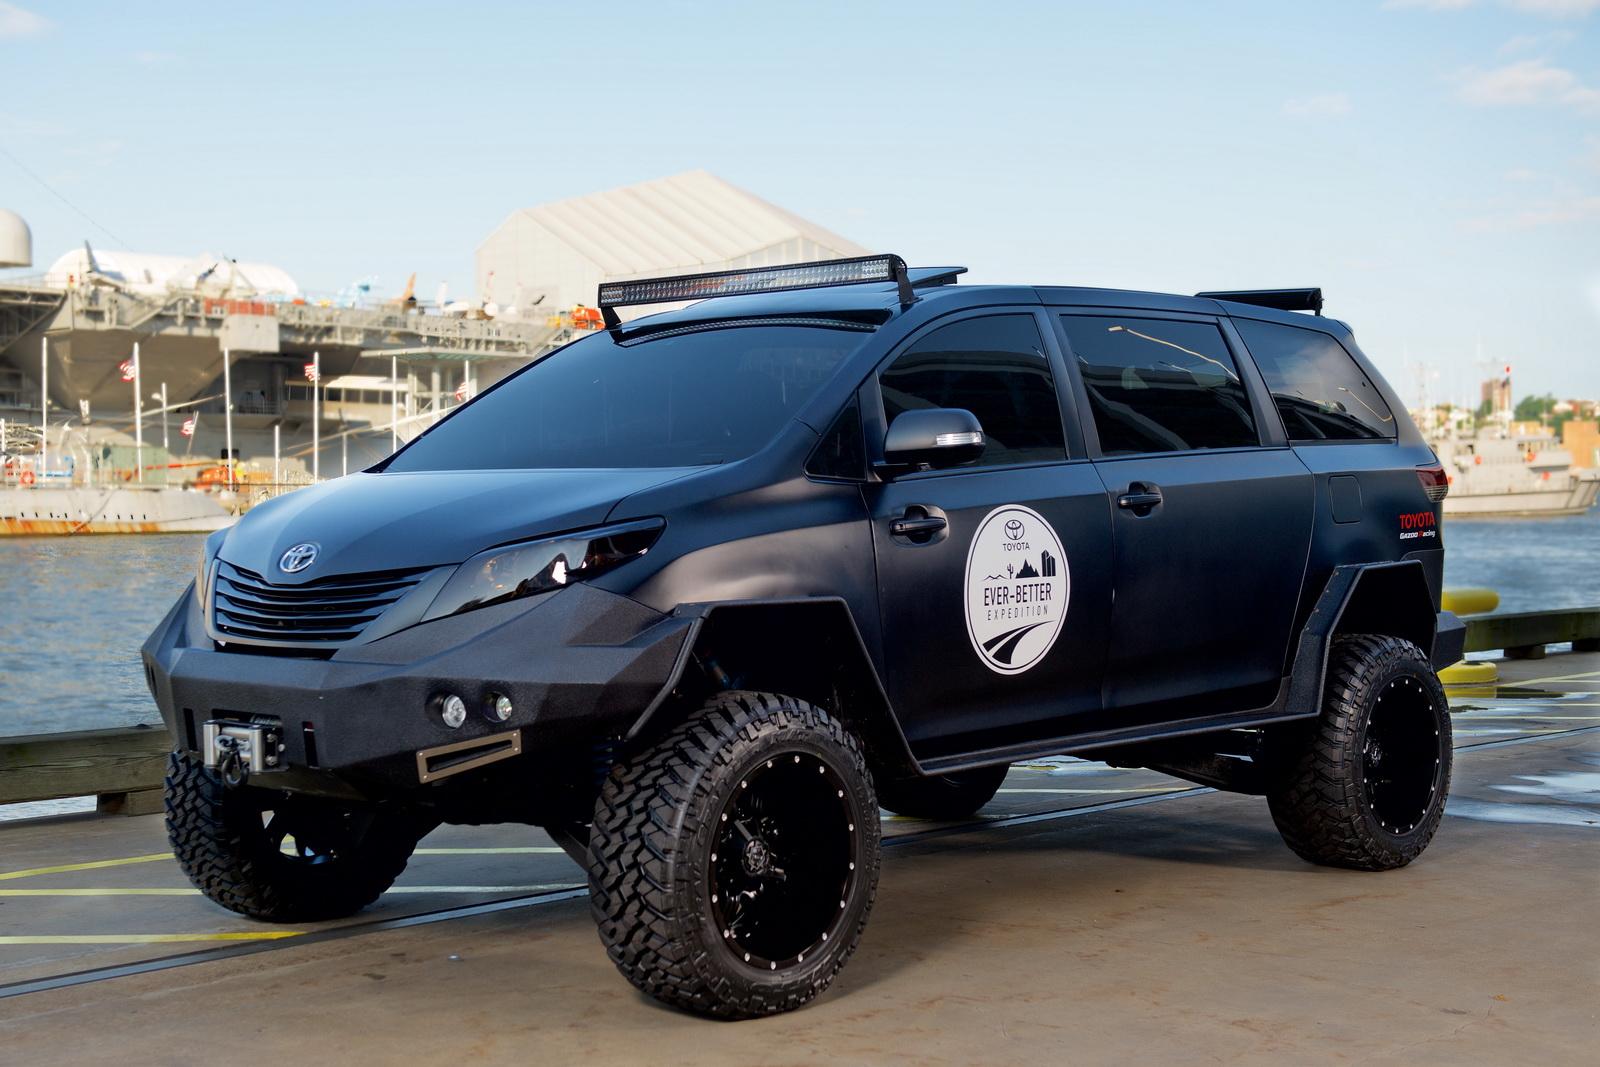 トヨタ「uuv」発表;ミニバン 215 ピックアップトラックの超イカツイボディ@sema2015 Newcar Design